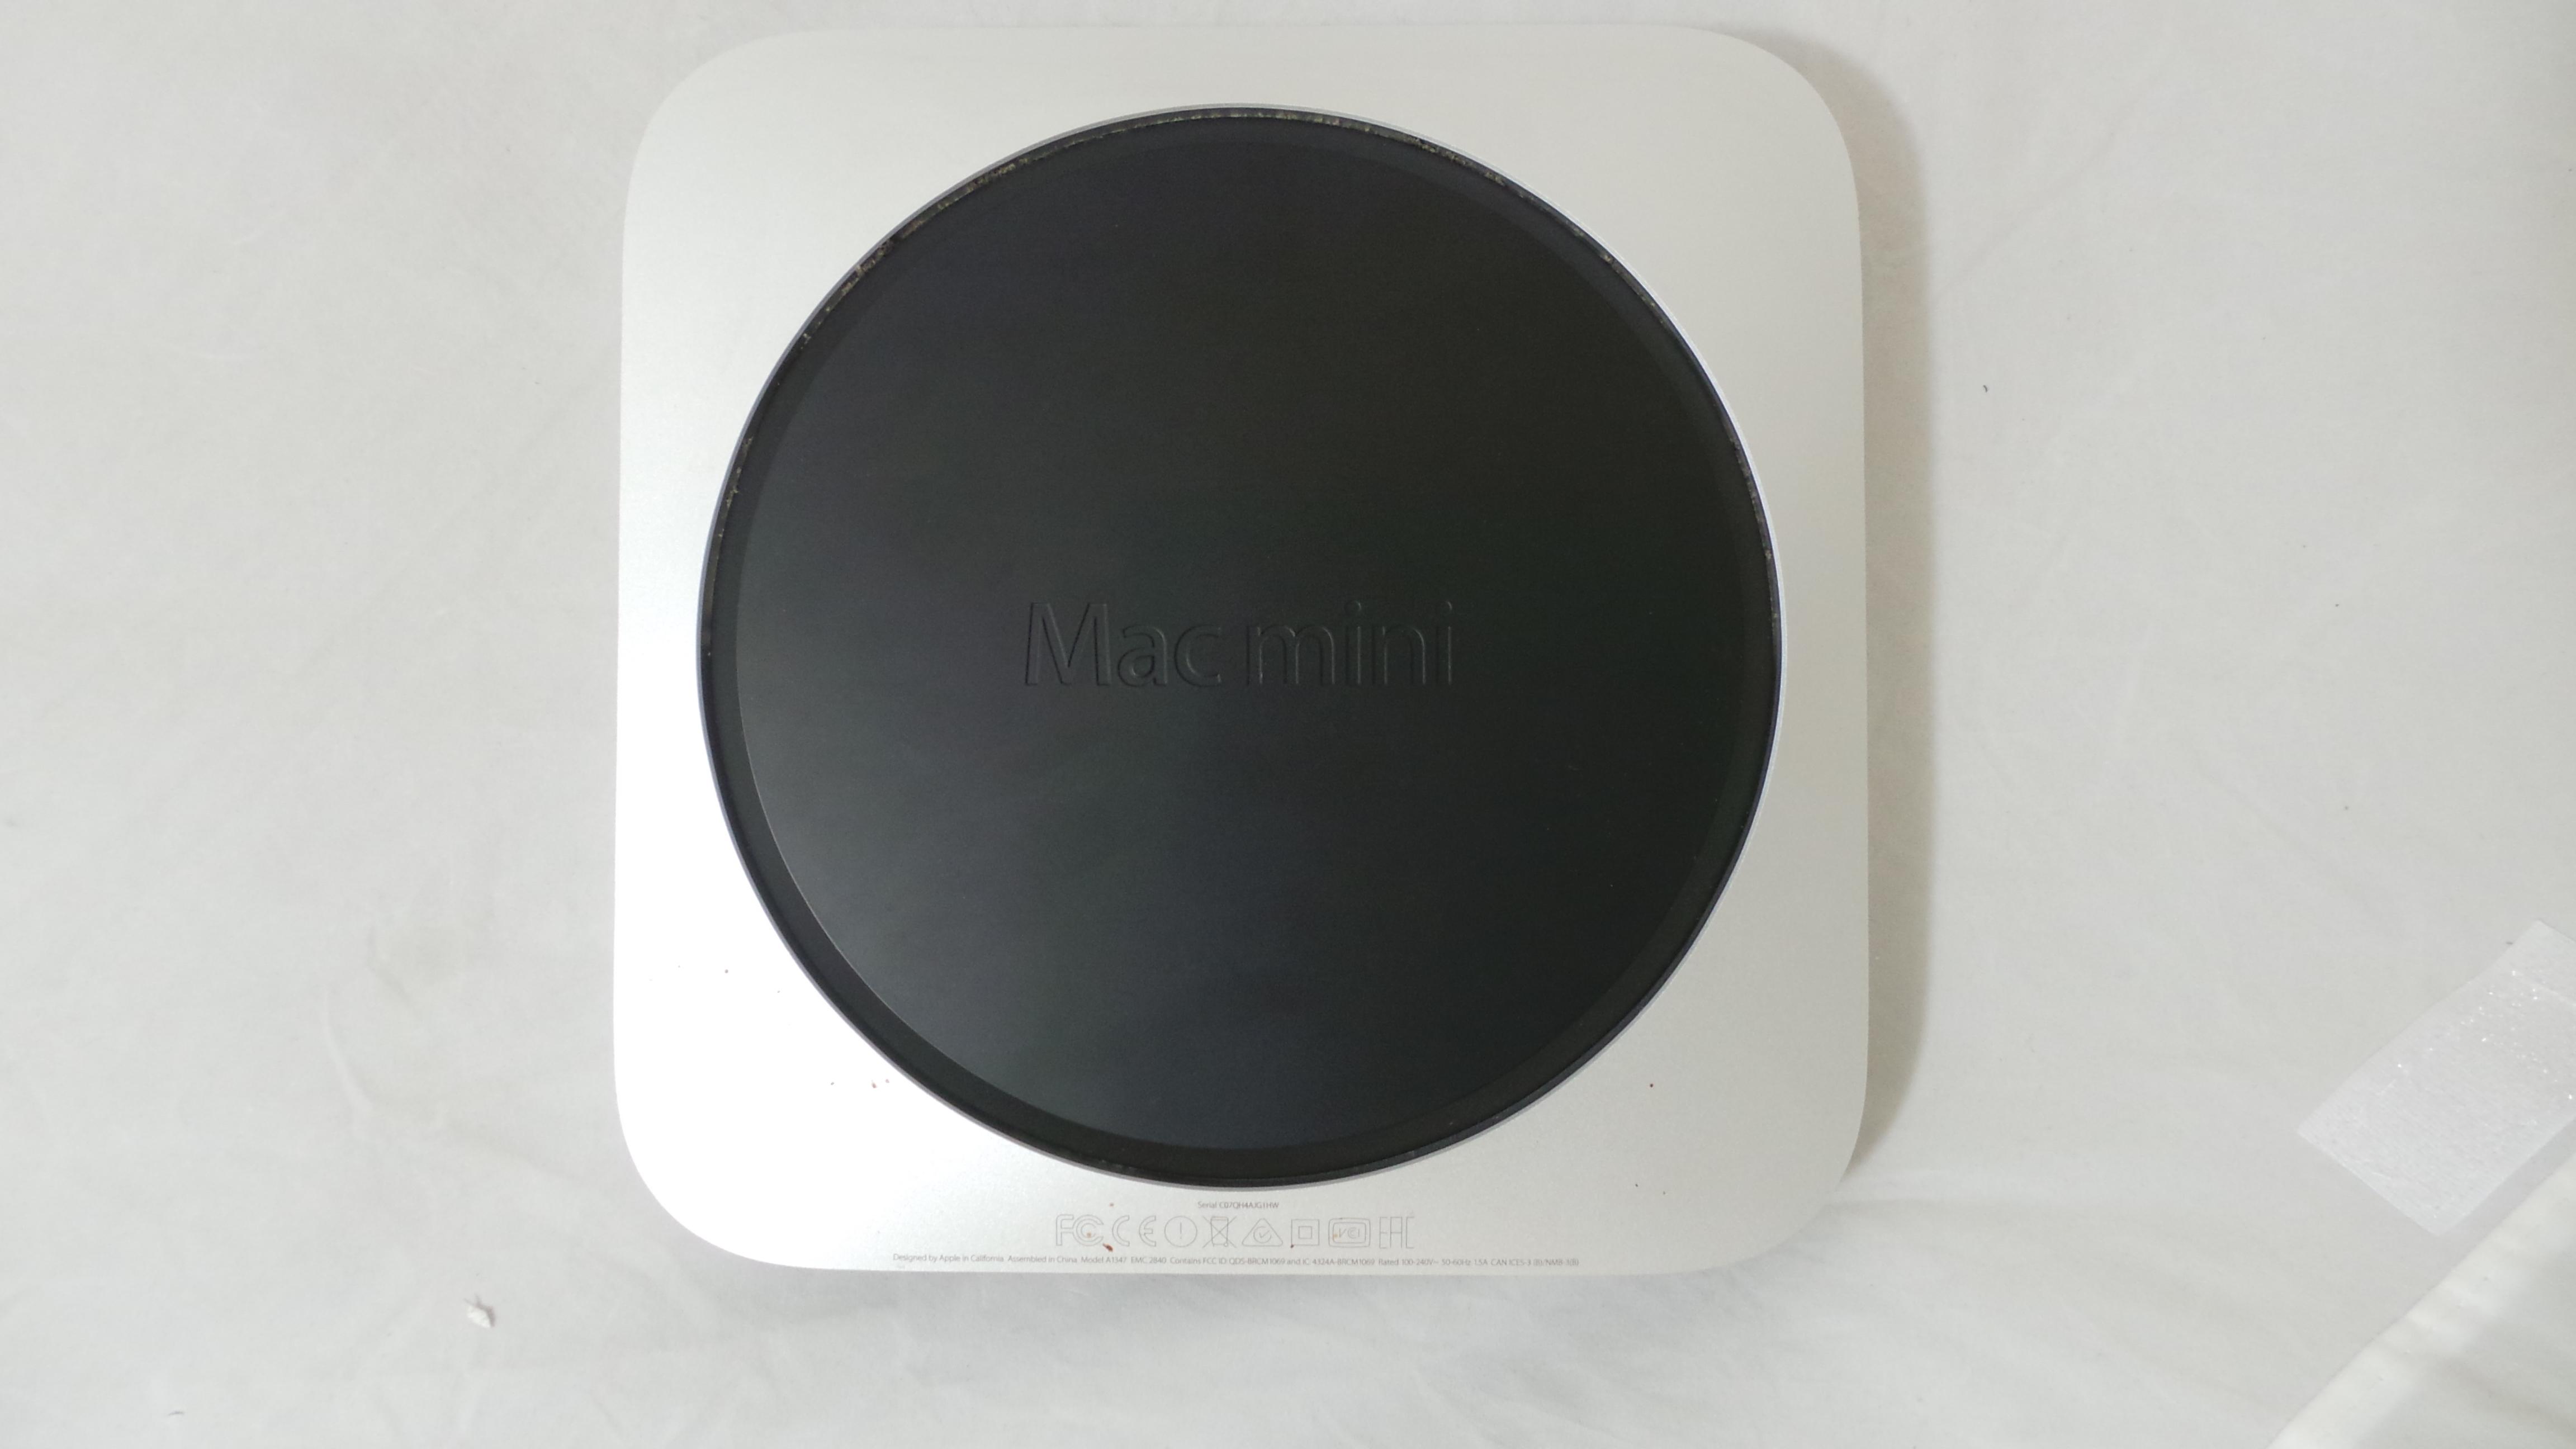 Mac Mini Late 2014 (Intel Core i5 2.6 GHz 8 GB RAM 1 TB HDD), 2,6 GHz Intel Dual-Core i5, 8 GB, 1 TB HDD, Afbeelding 2